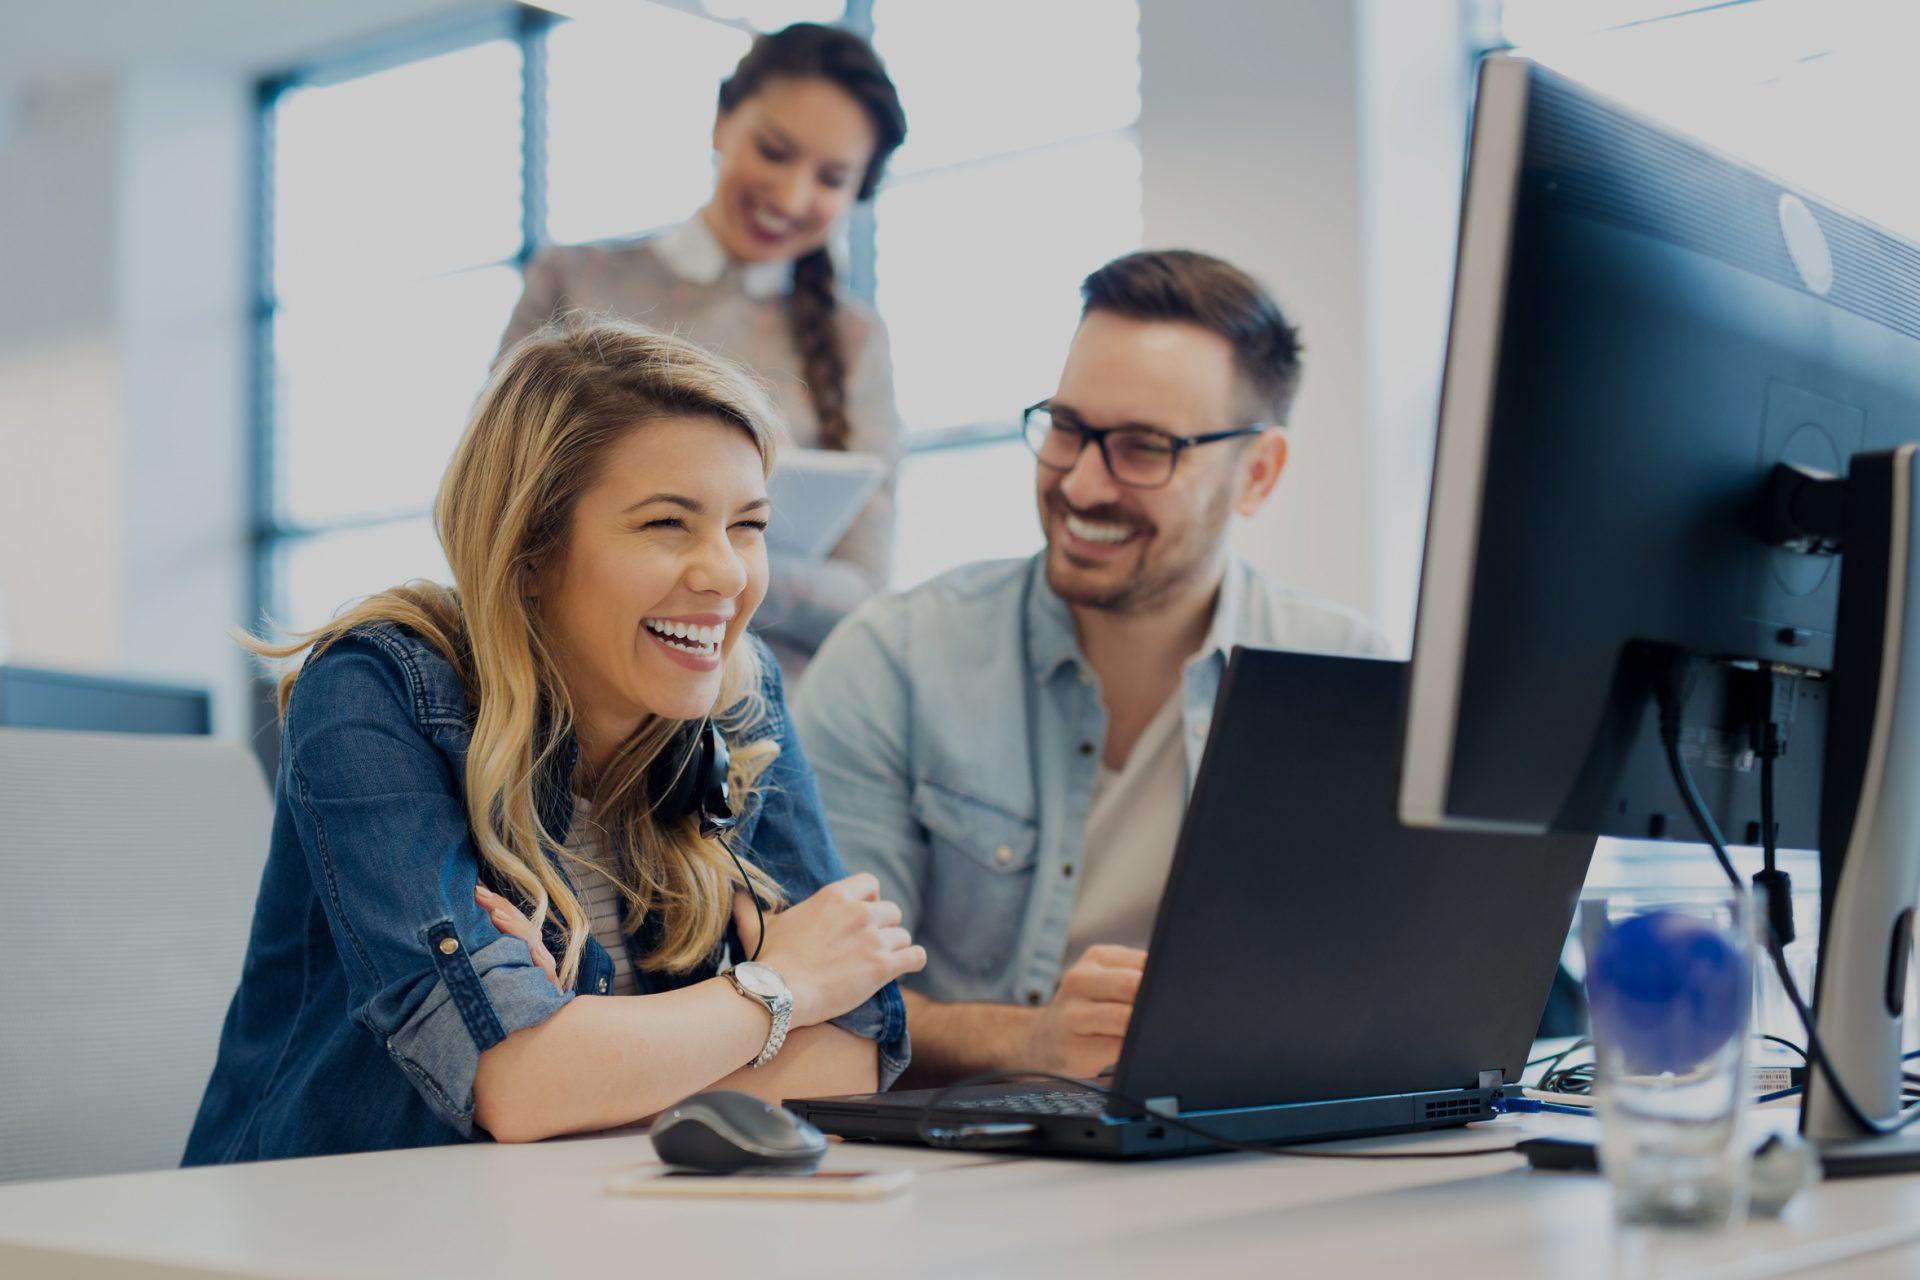 zwei Frauen und ein Mann lachen vor einem Bildschirm